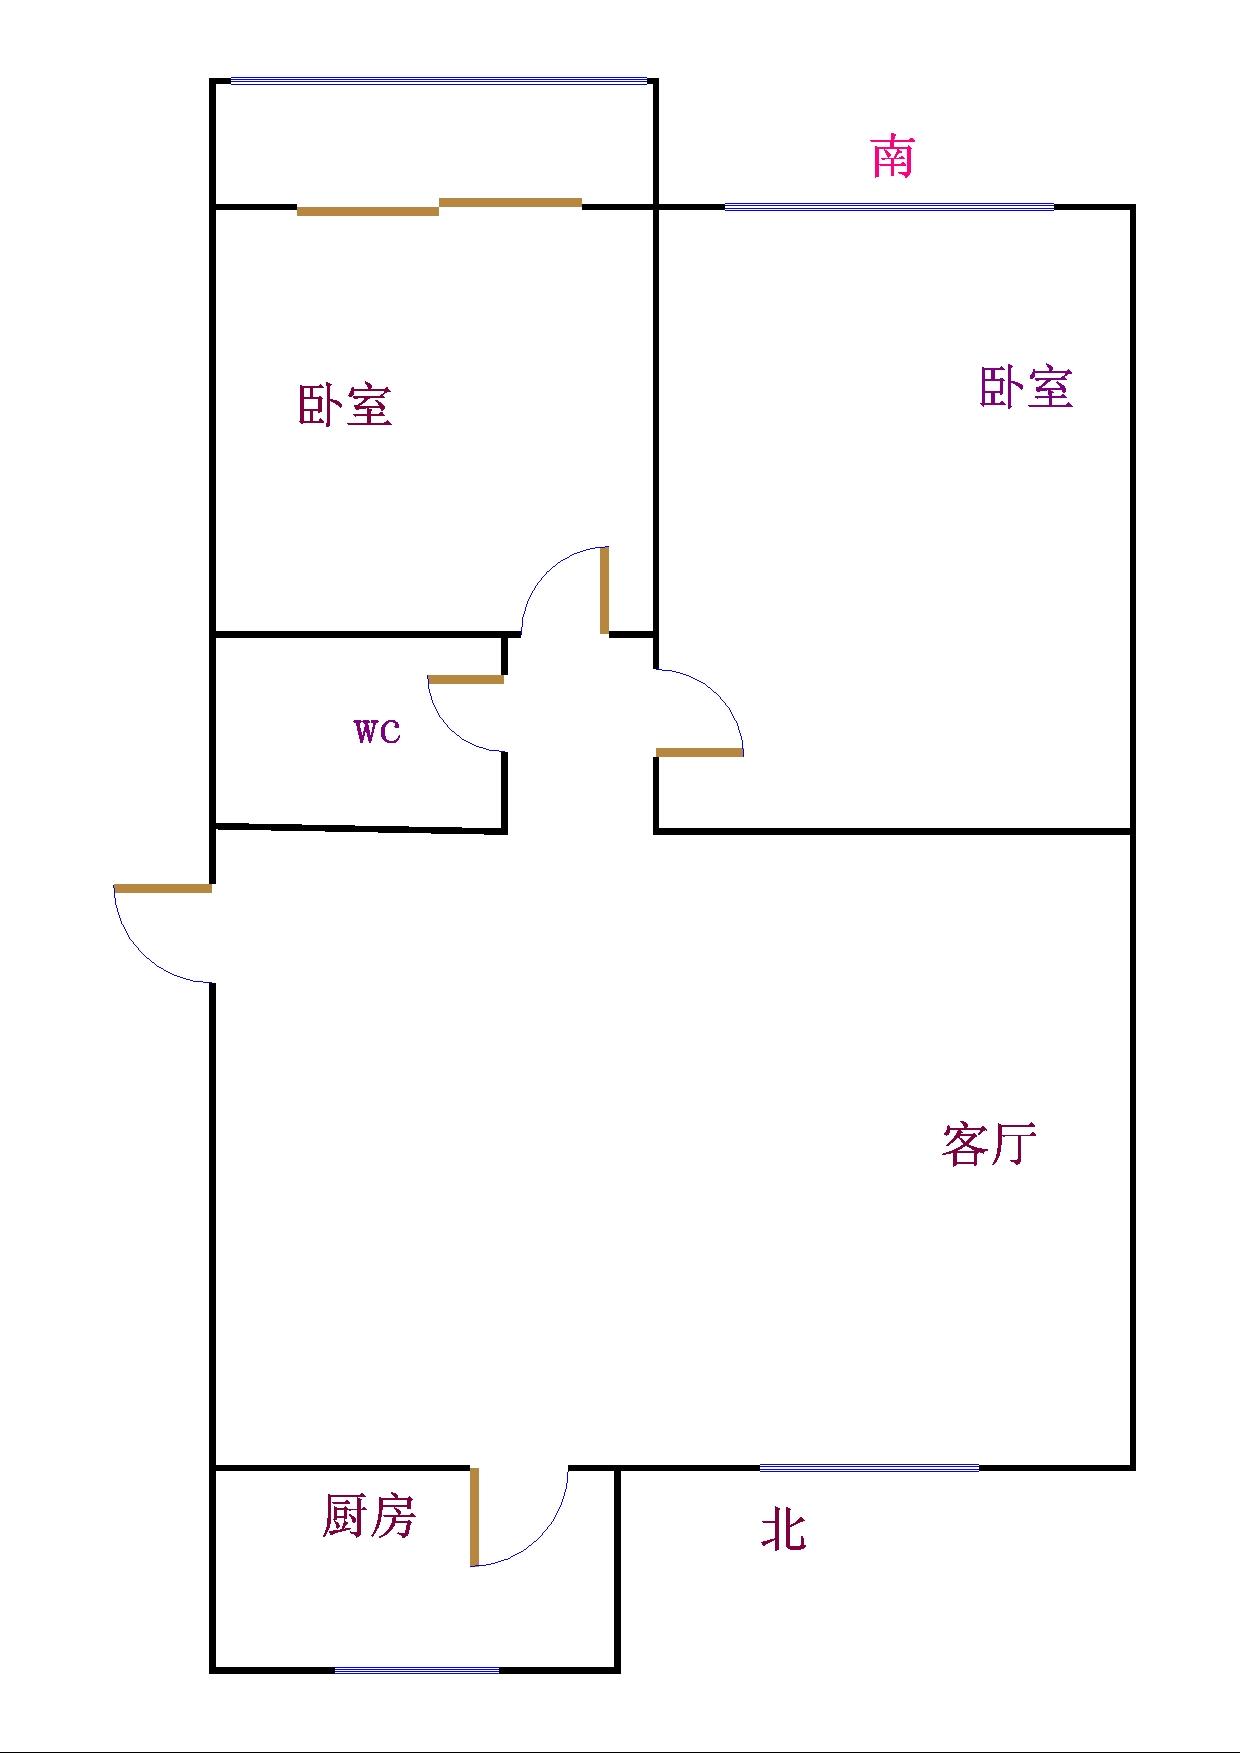 金卉小区 2室1厅 双证齐全过五年 简装 56万